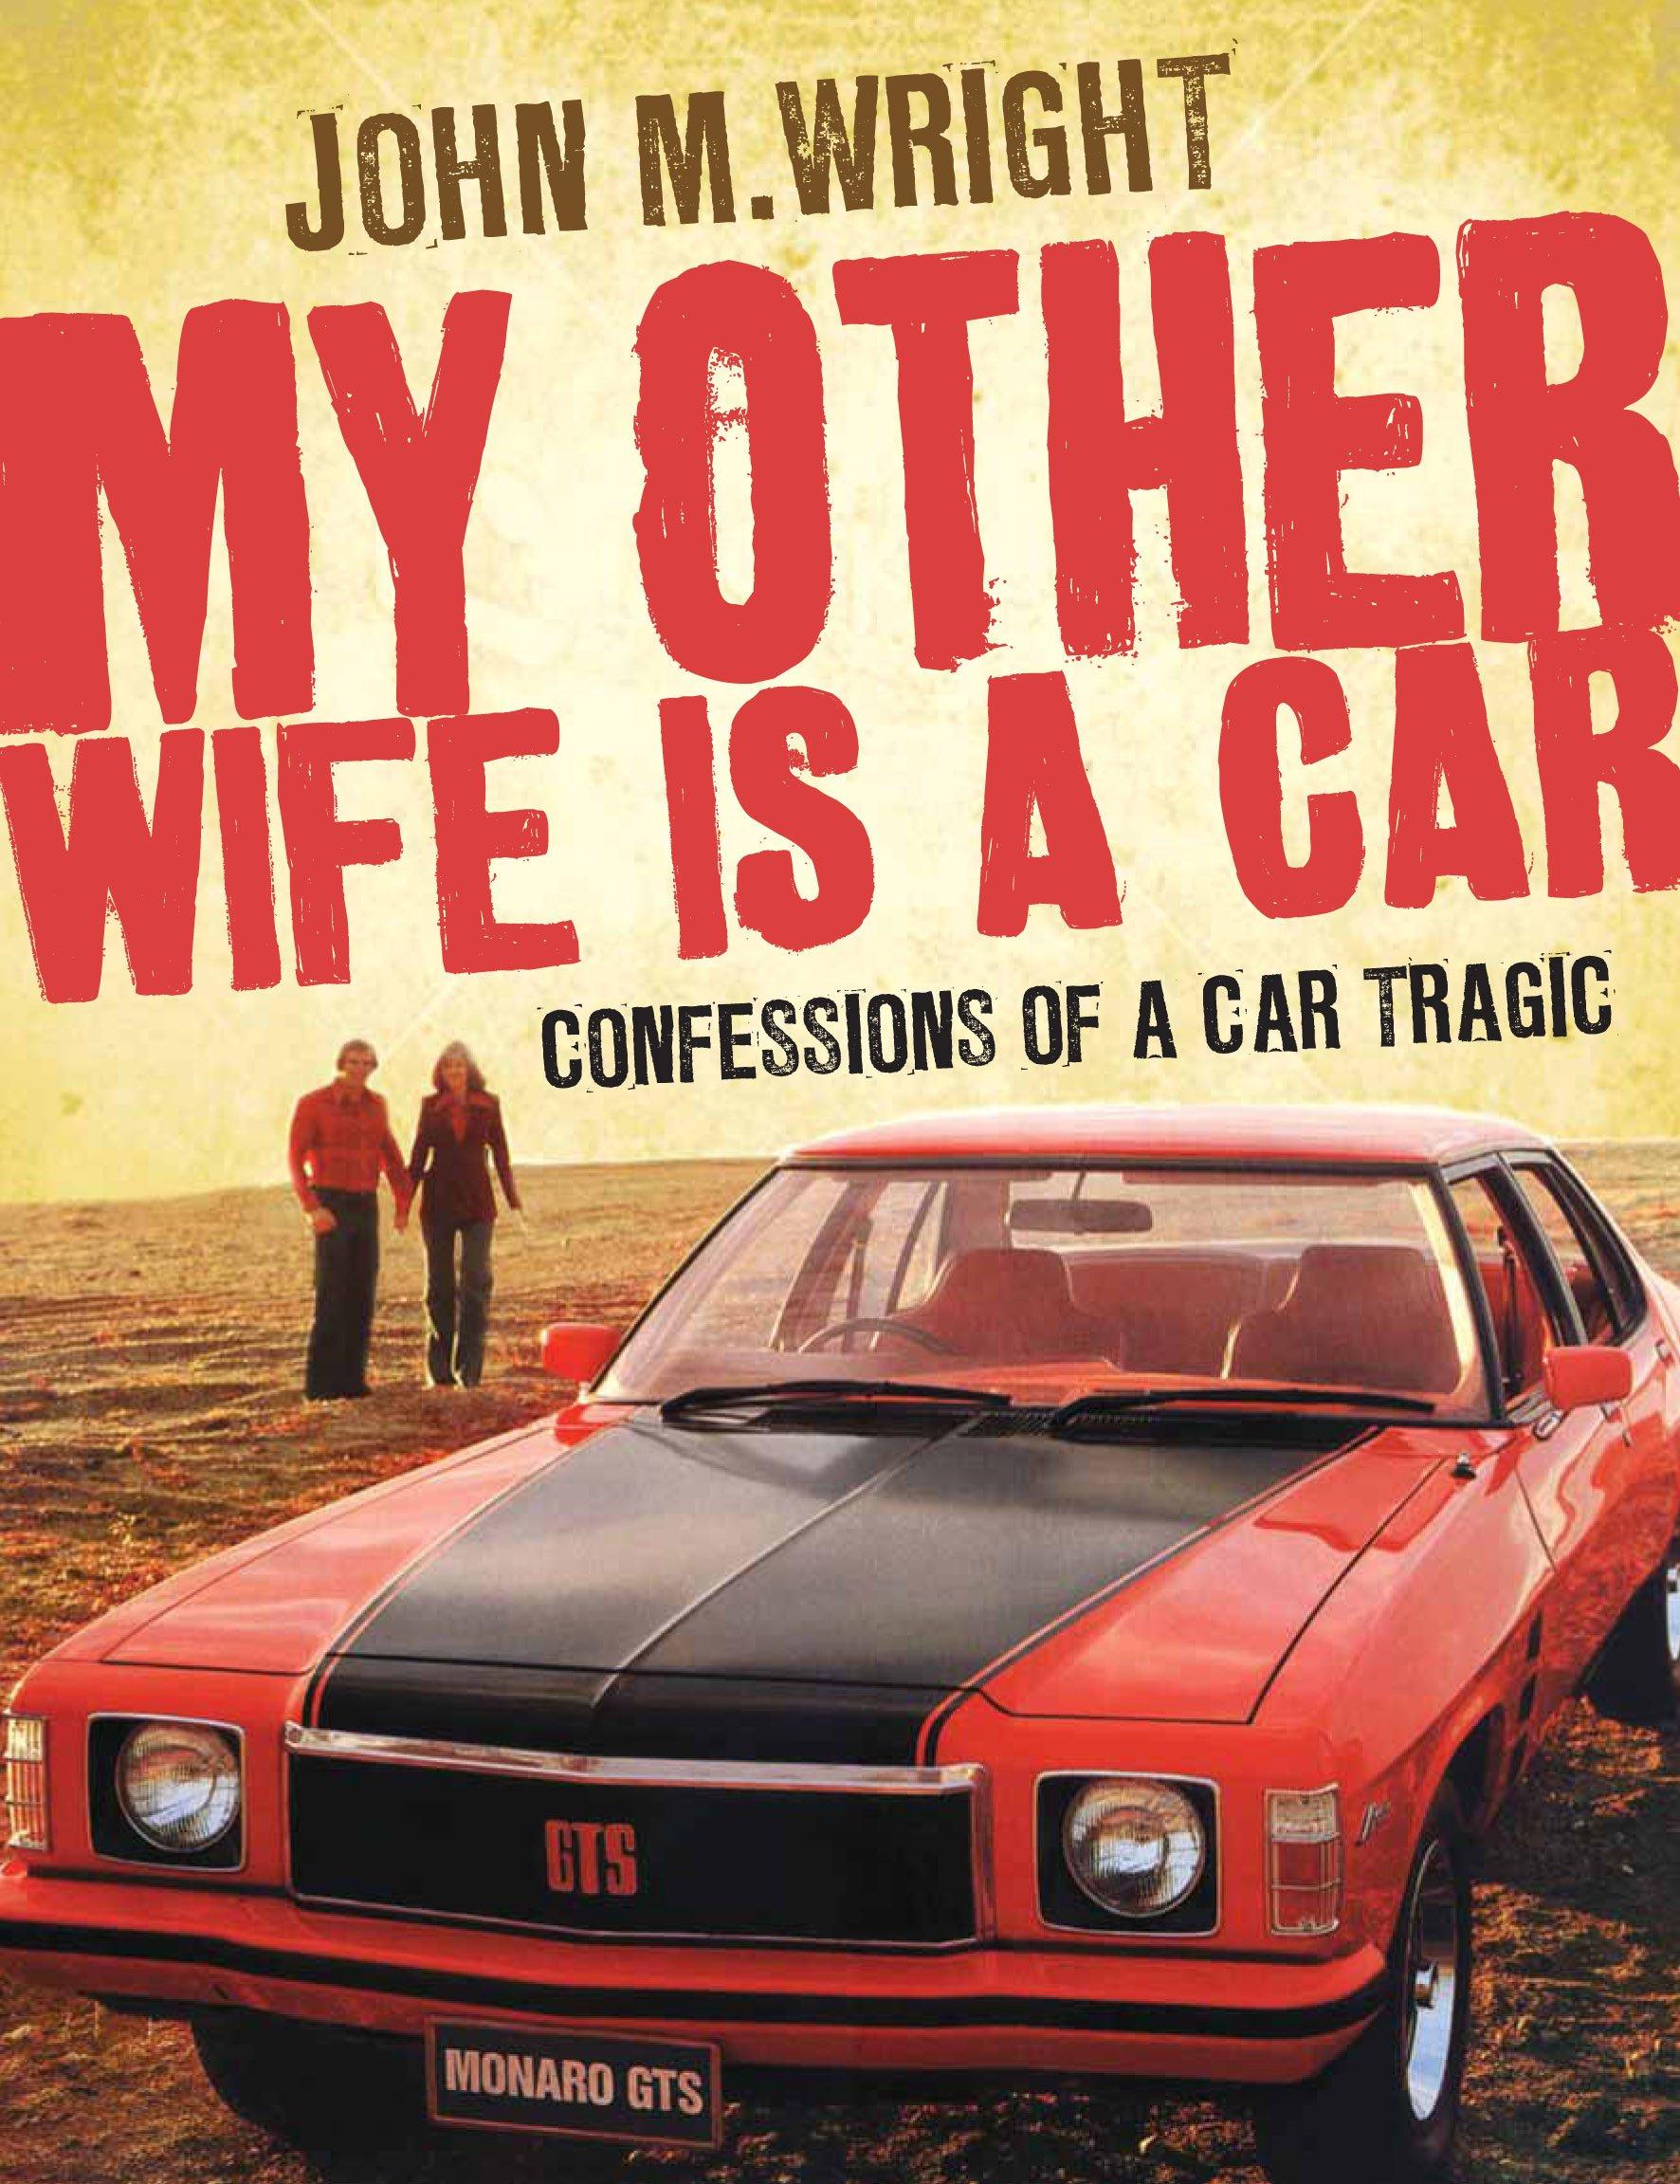 Wife on car hood was